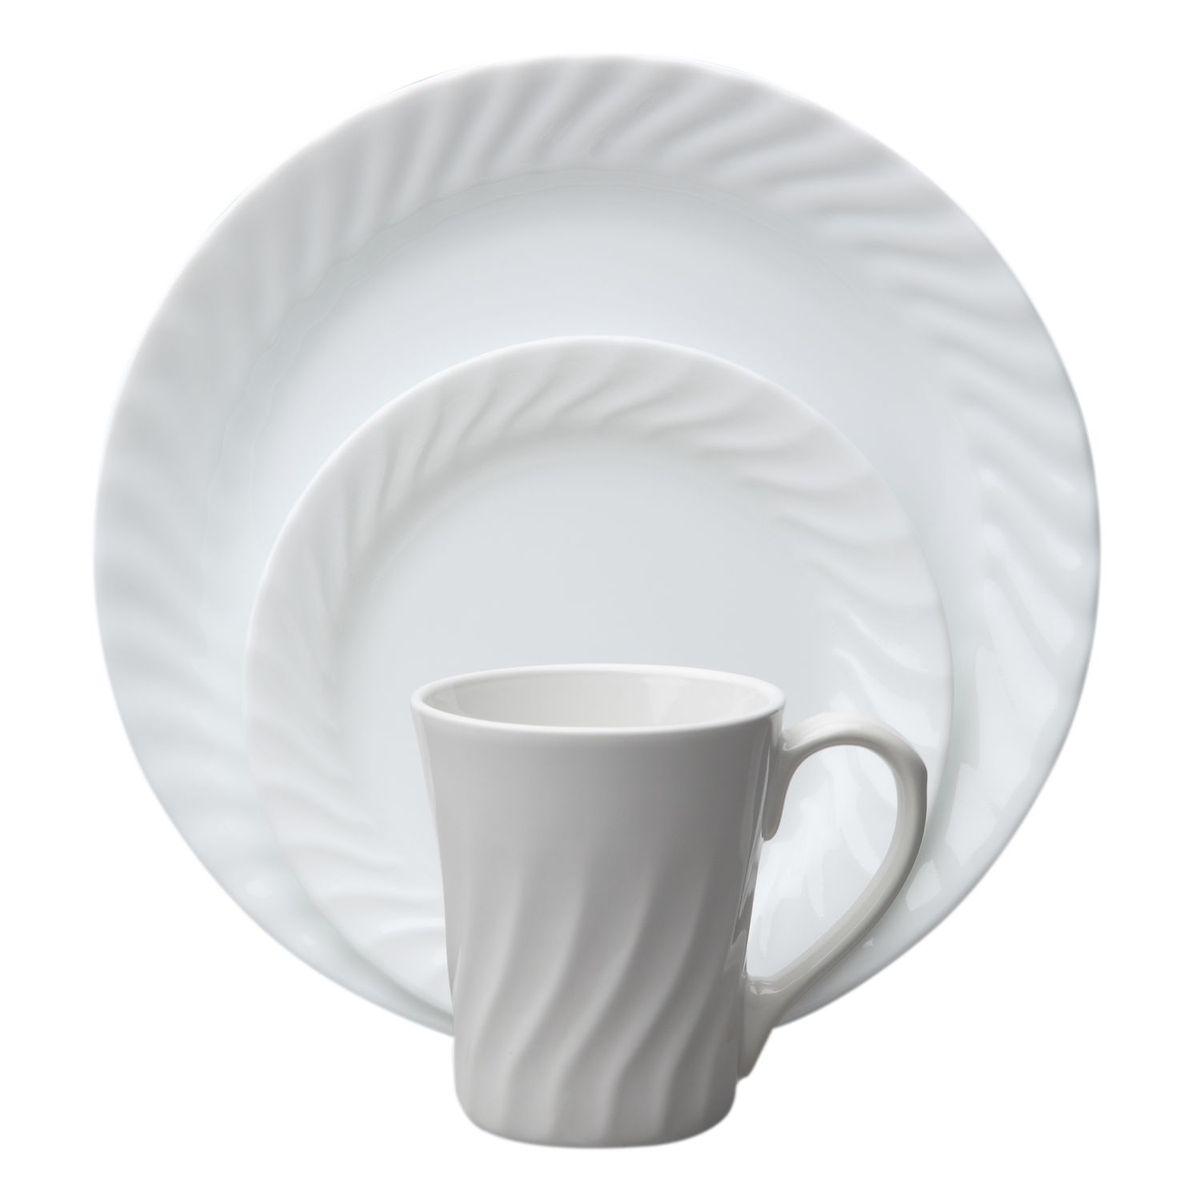 Набор посуды Enhancements 16пр, цвет: белый1086524Преимуществами посуды Corelle являются долговечность, красота и безопасность в использовании. Вся посуда Corelle изготавливается из высококачественного ударопрочного трехслойного стекла Vitrelle и украшена деколями американских и европейских дизайнеров. Рисунки не стираются и не царапаются, не теряют свою яркость на протяжении многих лет. Посуда Corelle не впитывает запахов и очень долгое время выглядит как новая. Уникальная эмаль, используемая во время декорирования, фактически становится единым целым с поверхностью стекла, что гарантирует долгое сохранение нанесенного рисунка. Еще одним из главных преимуществ посуды Corelle является ее безопасность. В производстве используются только безопасные для пищи пигменты эмали, при производстве посуды не применяется вредный для здоровья человека меламин. Изделия из материала Vitrelle: Прочные и легкие; Выдерживают температуру до 180С; Могут использоваться в посудомоечной машине и микроволновой печи; Штабелируемые; Устойчивы к царапинам; Ударопрочные; Не содержит меламин.4 обеденные тарелки 26 см; 4 десертные тарелки 18 см; 4 суповые тарелки 530 мл; 4 фарфоровые кружки 270 мл